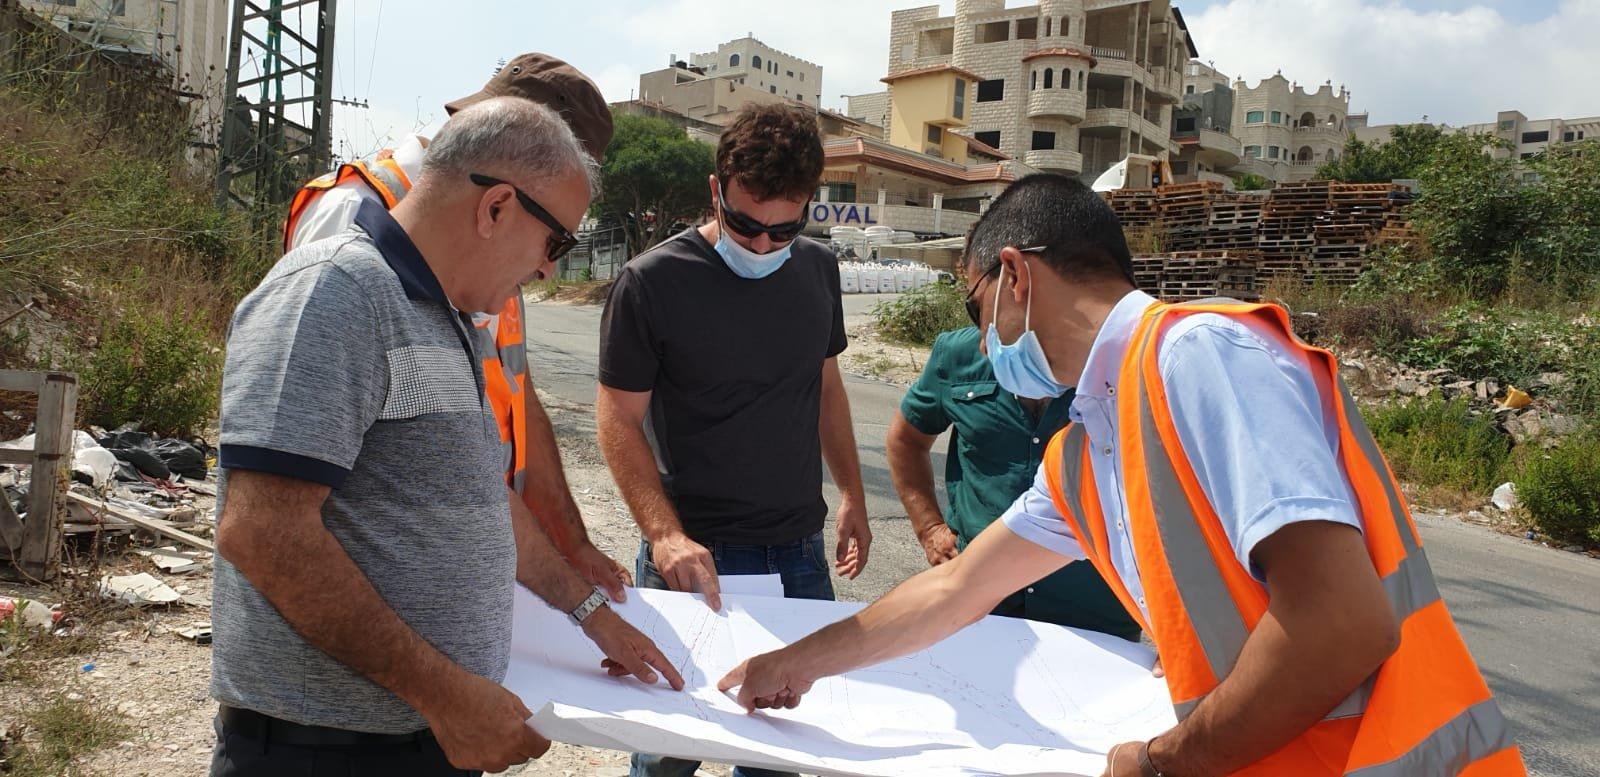 جولة في شارع الناصرة عيلوط لفحص التربة والبدء بالعمل